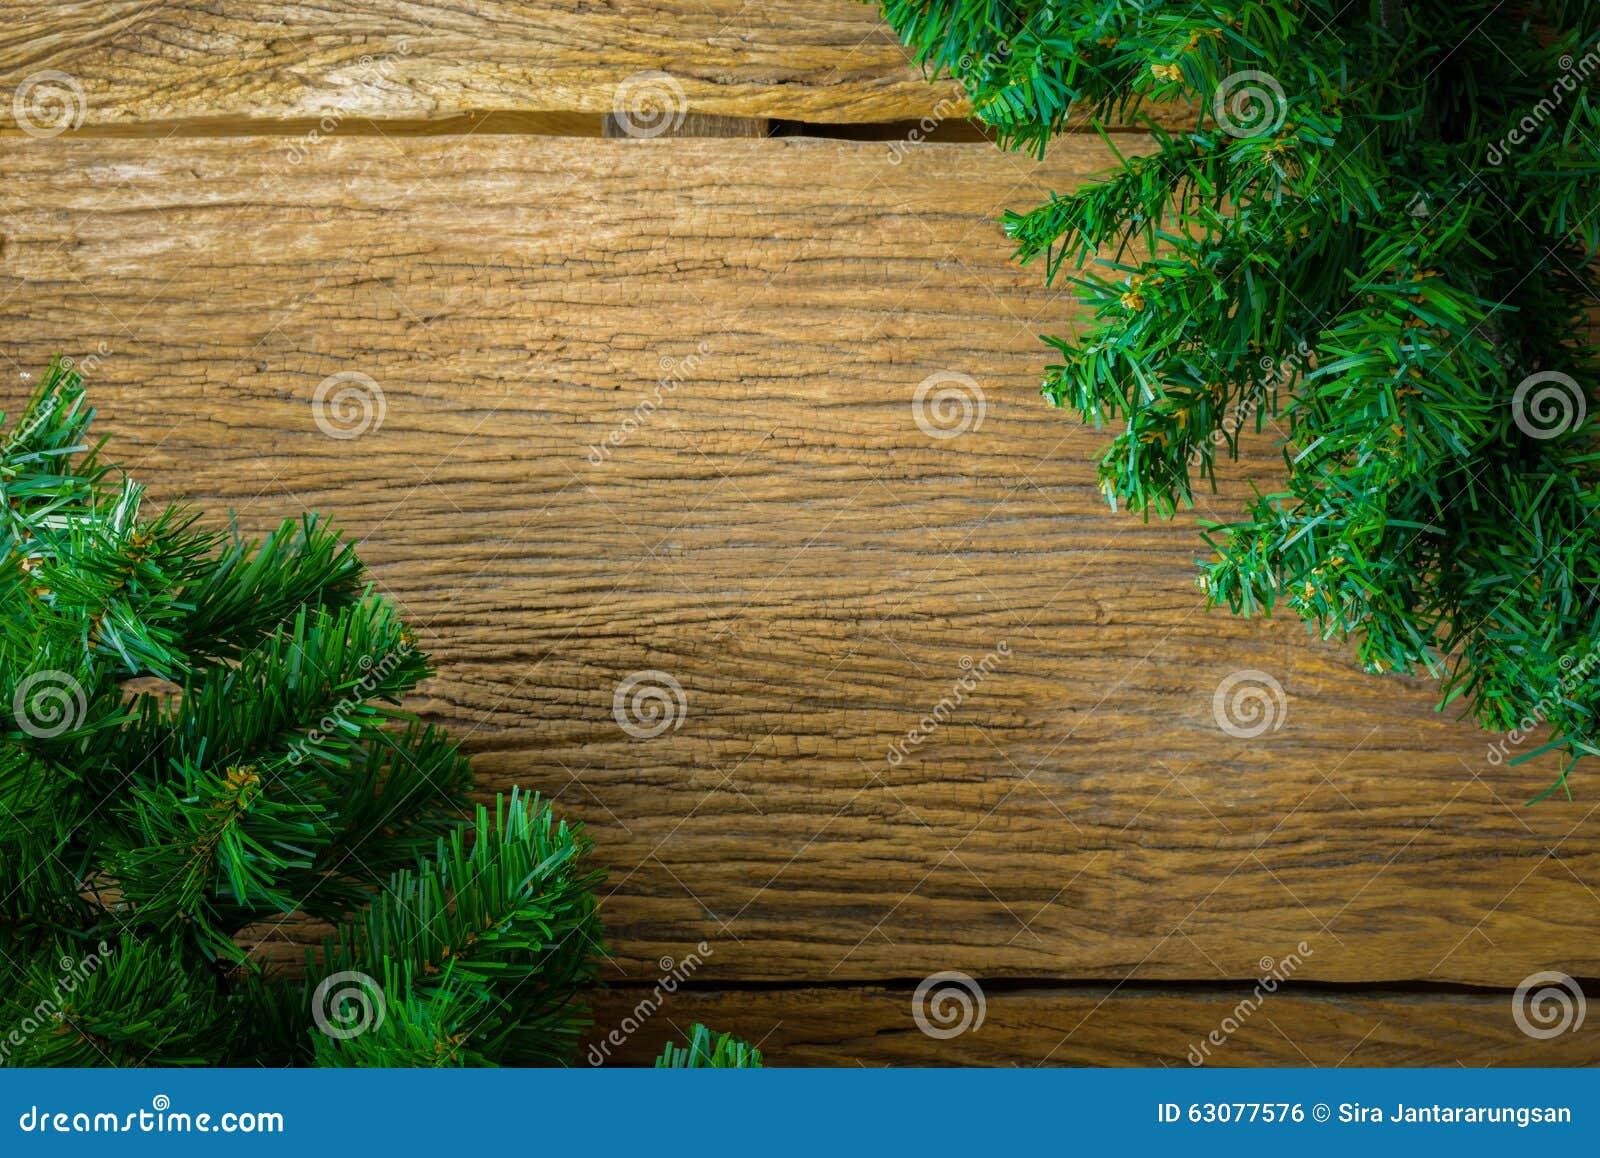 Download Thèmes de fond de Noël photo stock. Image du table, zone - 63077576